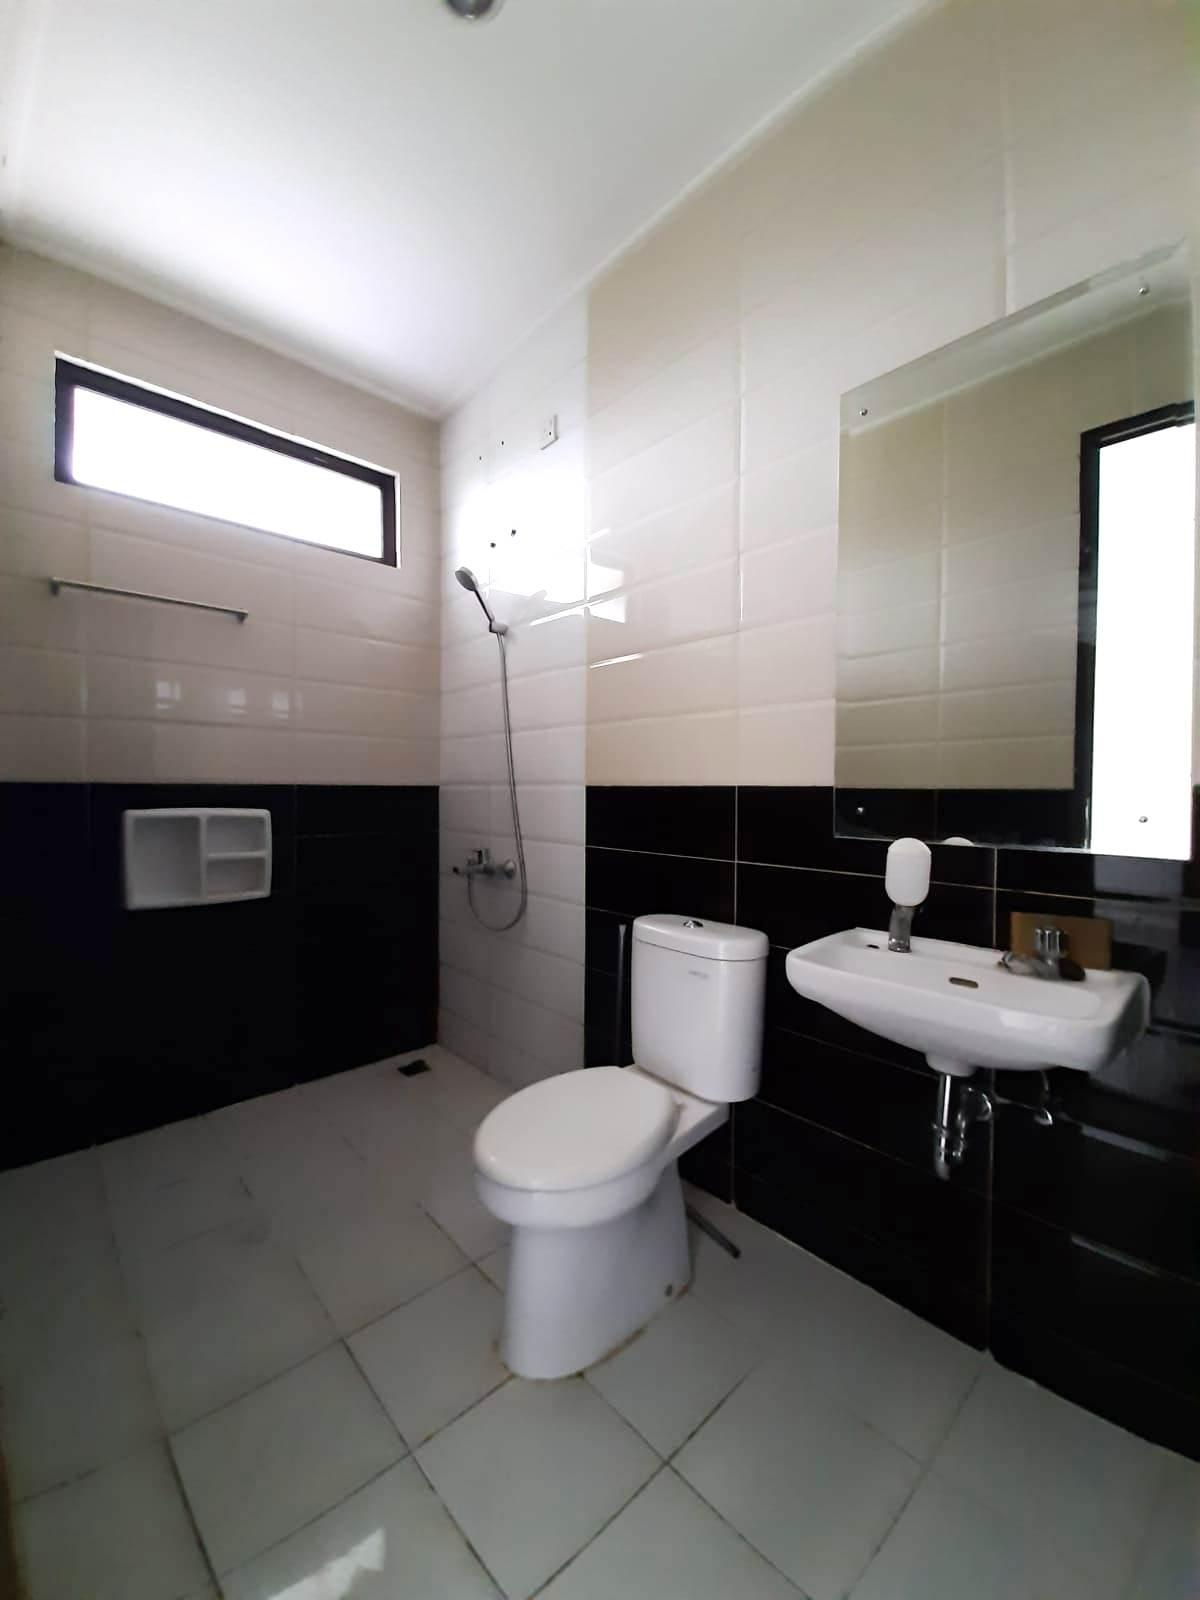 Rumah Siap Huni Cluster Arana Kota Harapan Indah Bekasi - 7